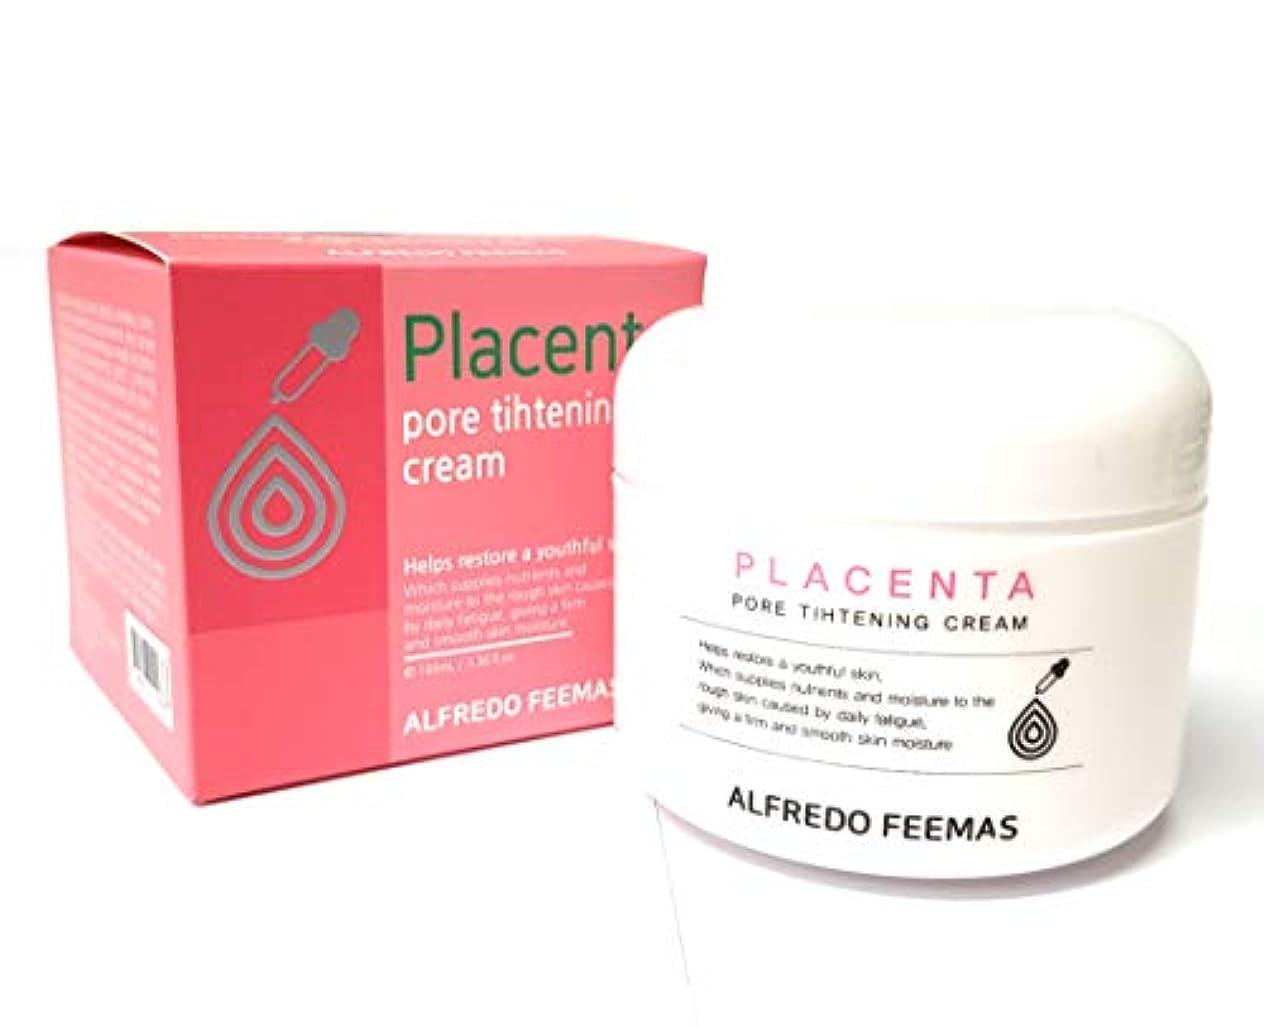 然とした離れた寓話[ALFREDO FEEMAS] ポア引き締めクリーム100ml / Pore tightening cream100ml / ポアケア、うるおい/Pore Care,moisture/韓国化粧品/Korean Cosmetics...